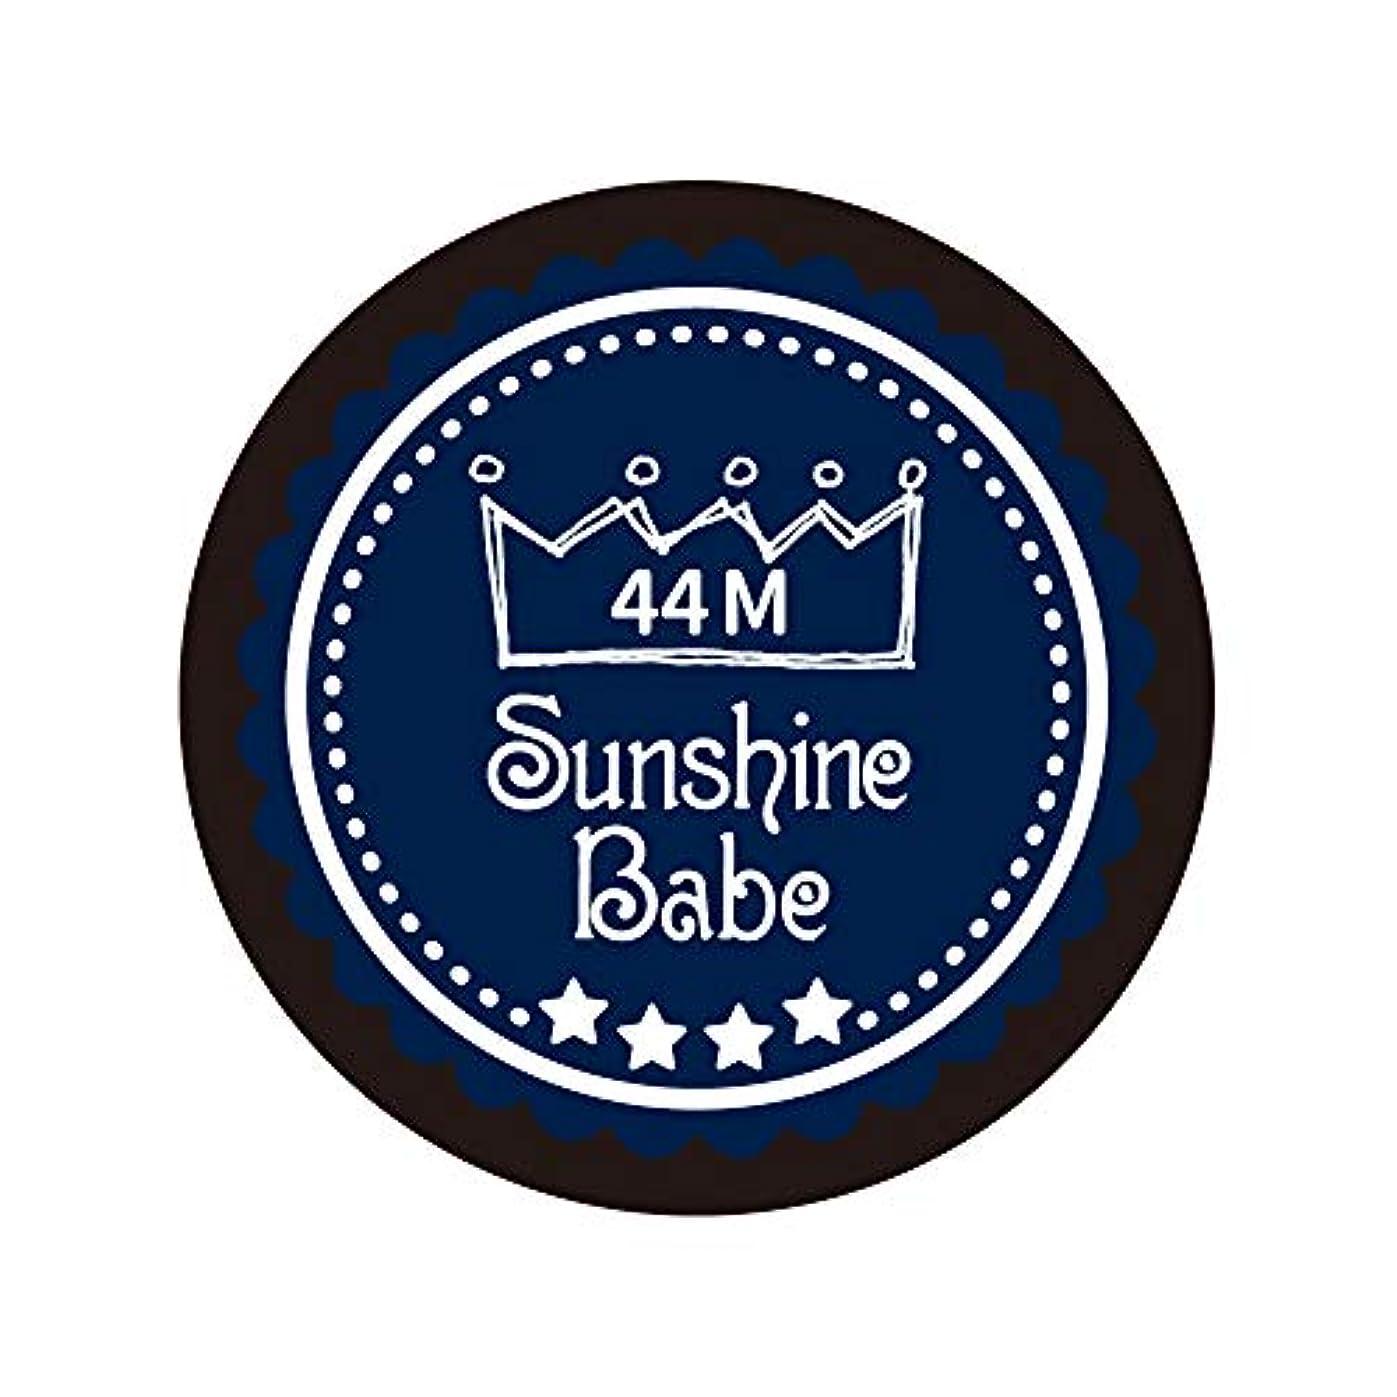 データベース入浴配るSunshine Babe カラージェル 44M クラシックネイビー 4g UV/LED対応